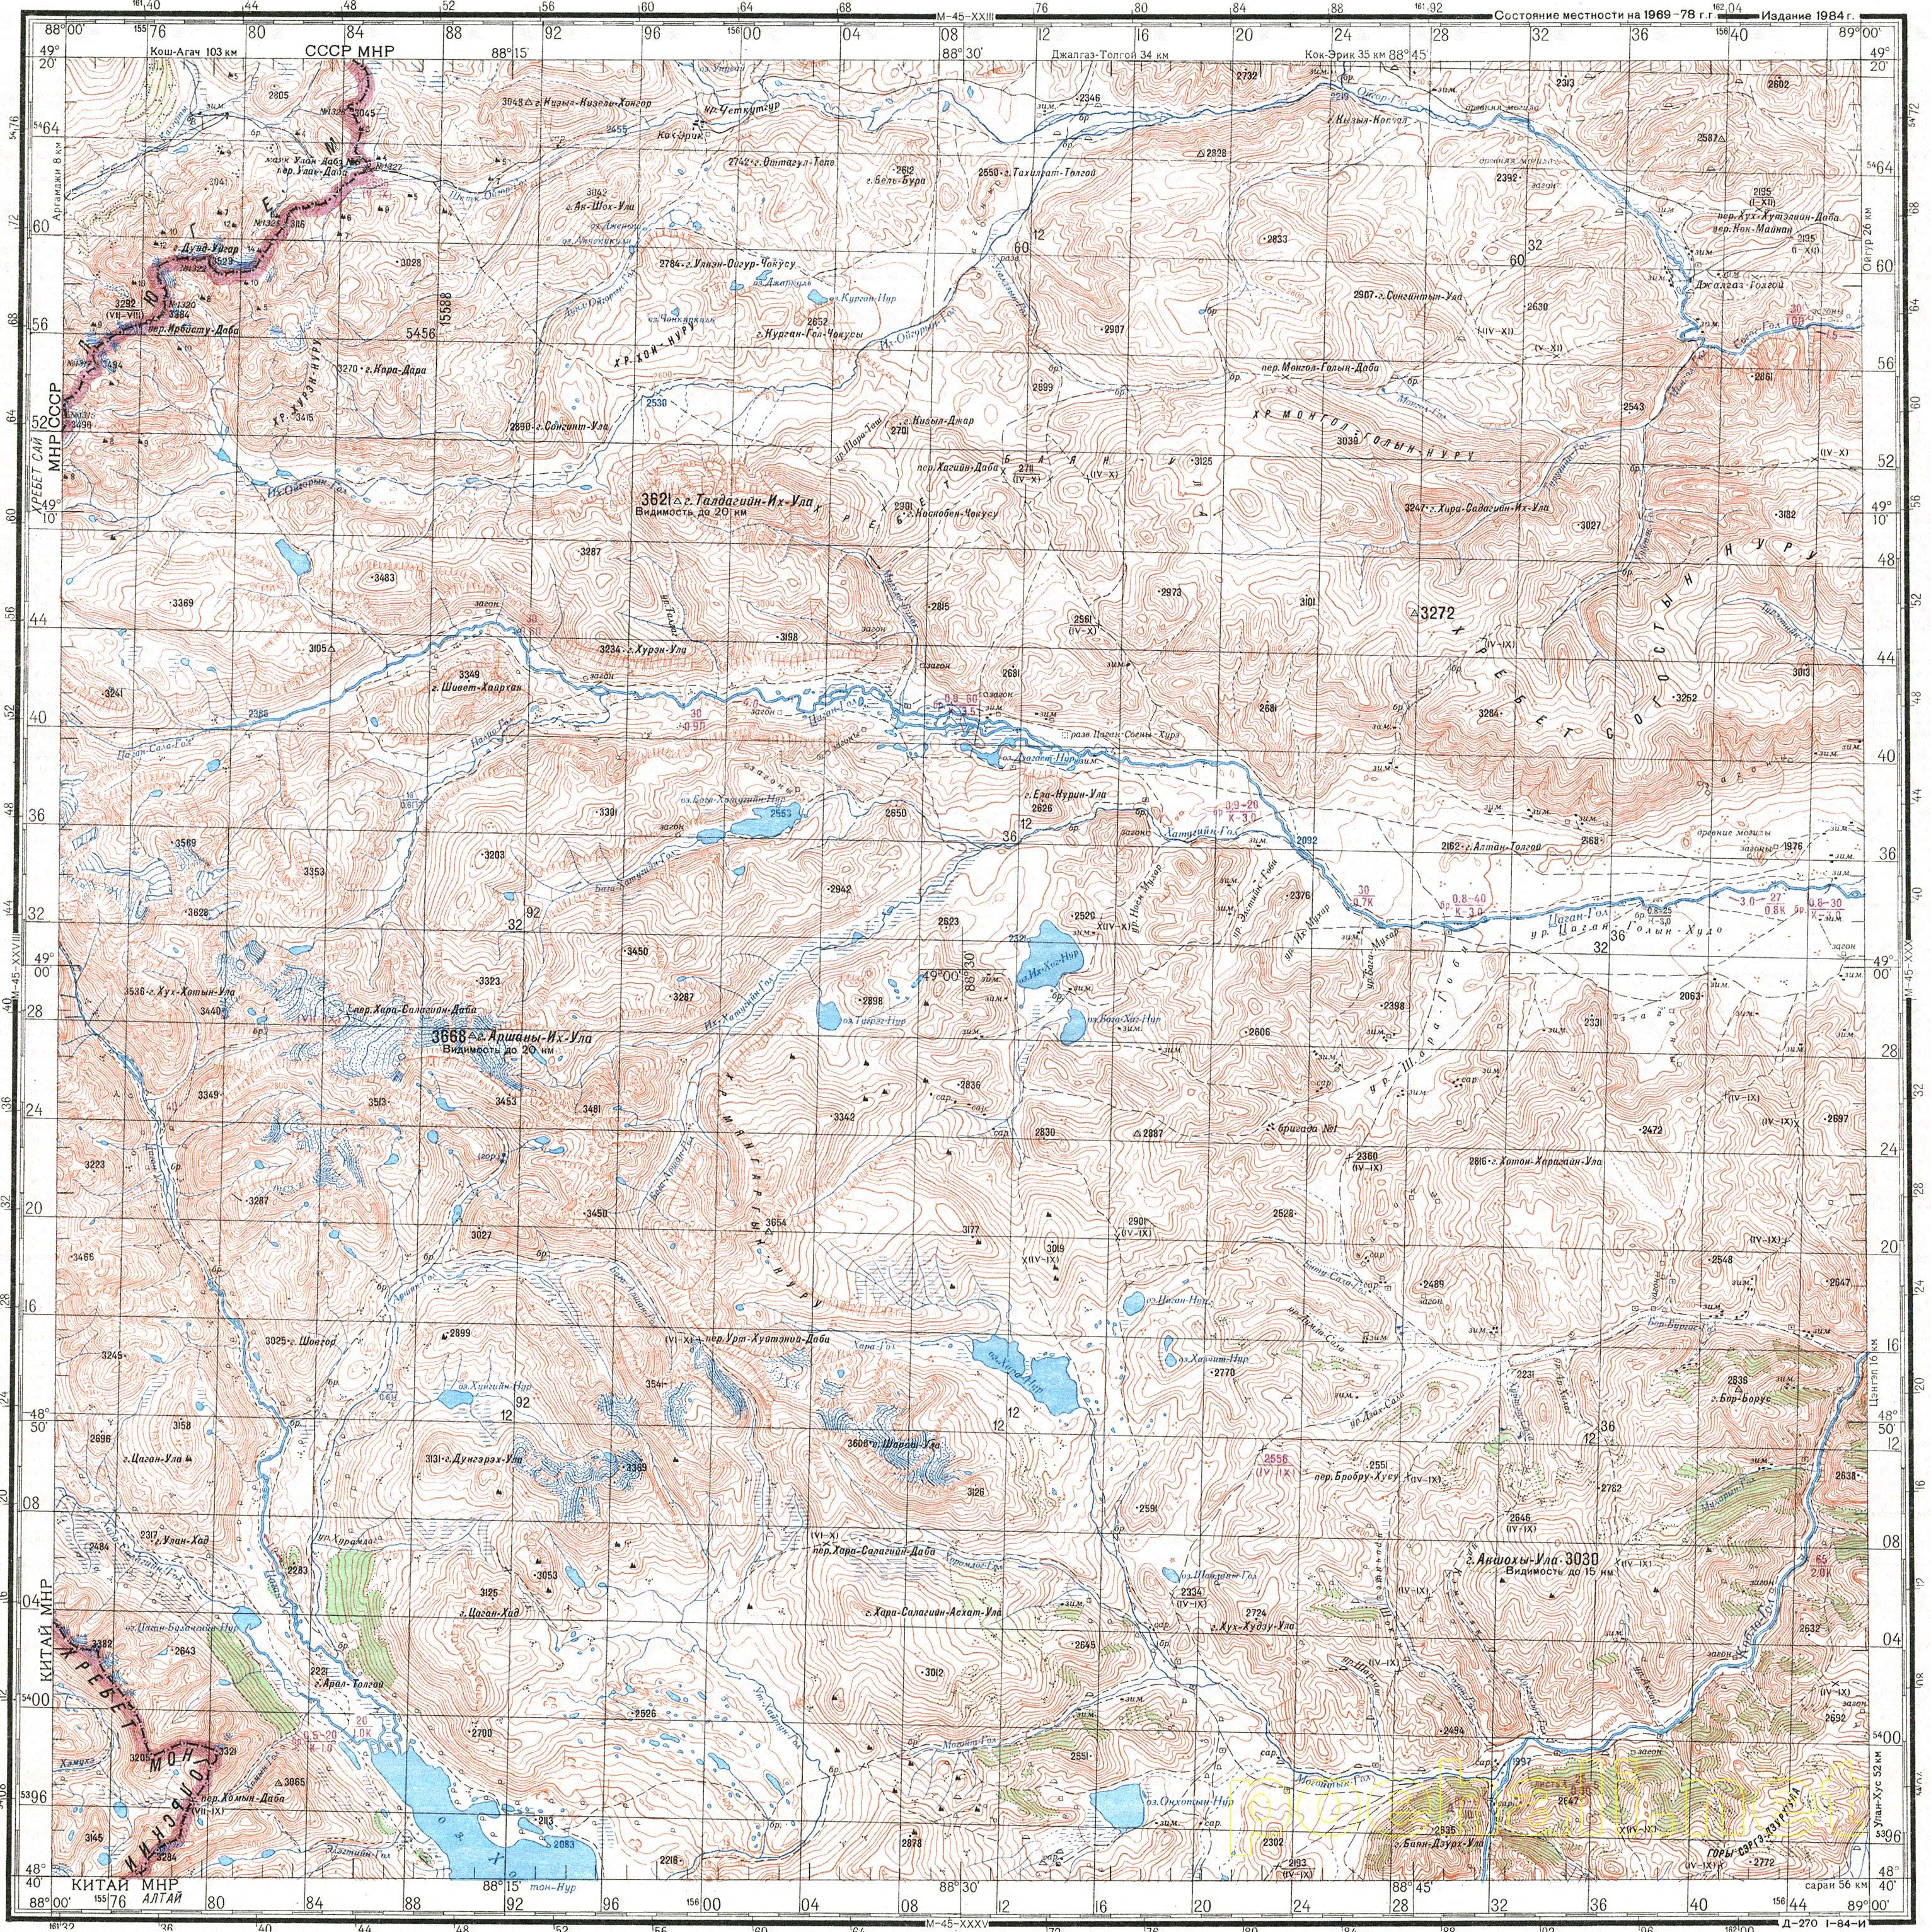 Скачать карту m-45-29 (2923 Kb)